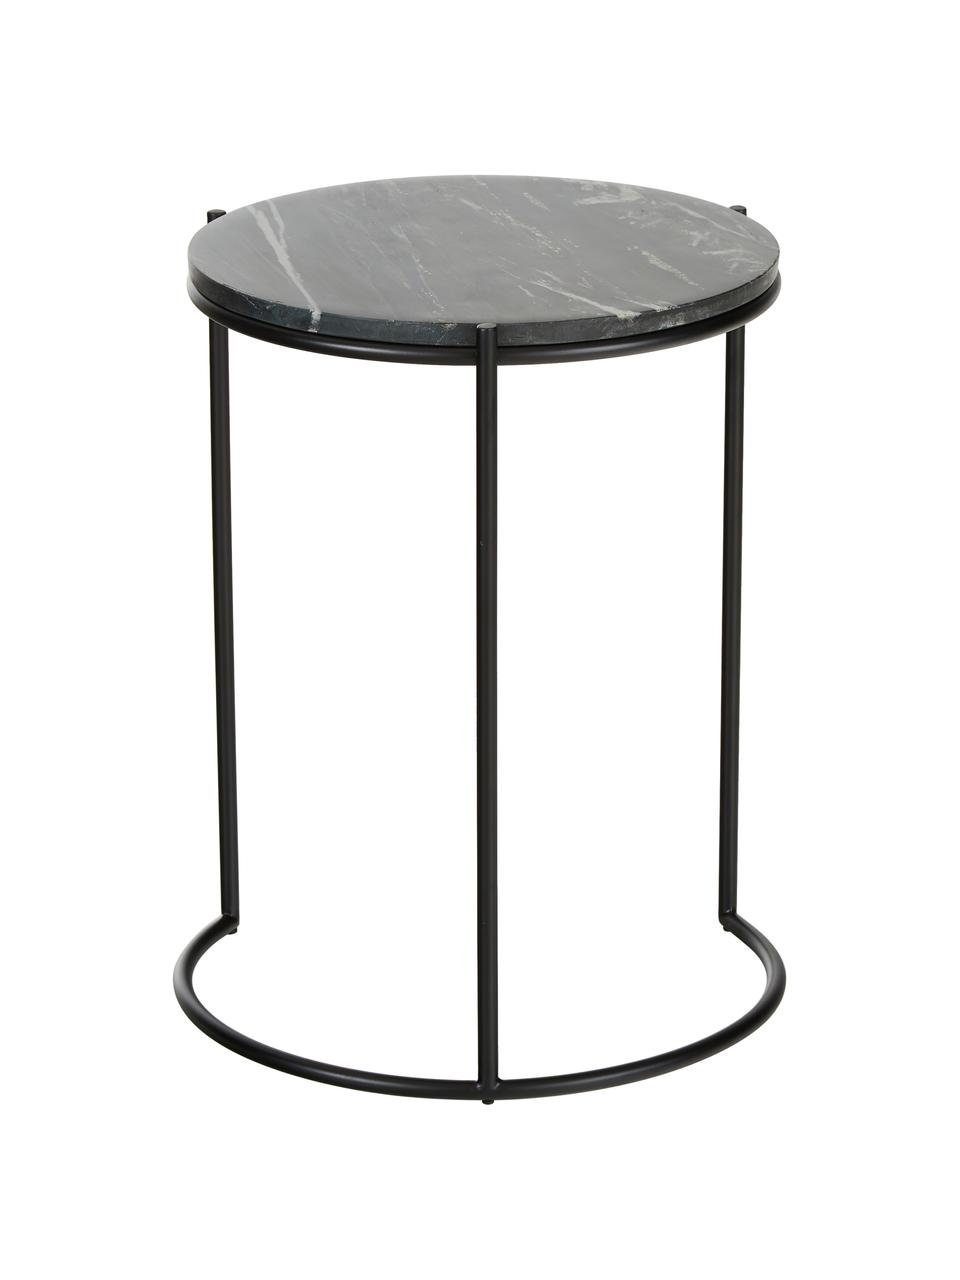 Marmor-Beistelltisch-Set Ella, Tischplatten: Schwarzer Marmor Gestelle: Schwarz, matt, Sondergrößen